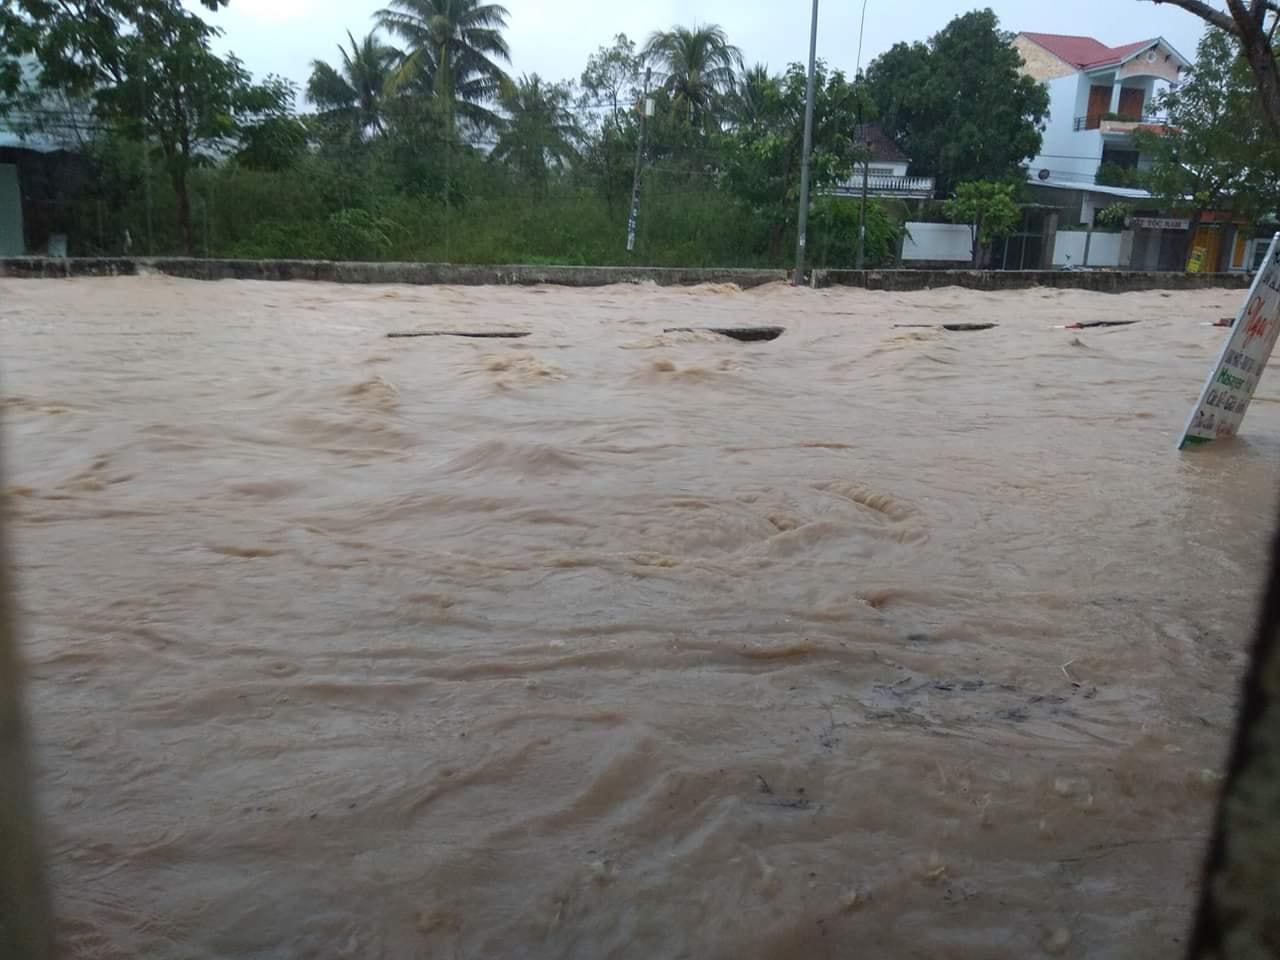 Nước ngập trên đại lộ Nguyễn Tất Thành trong cơn bão số 8 sáng 18/11